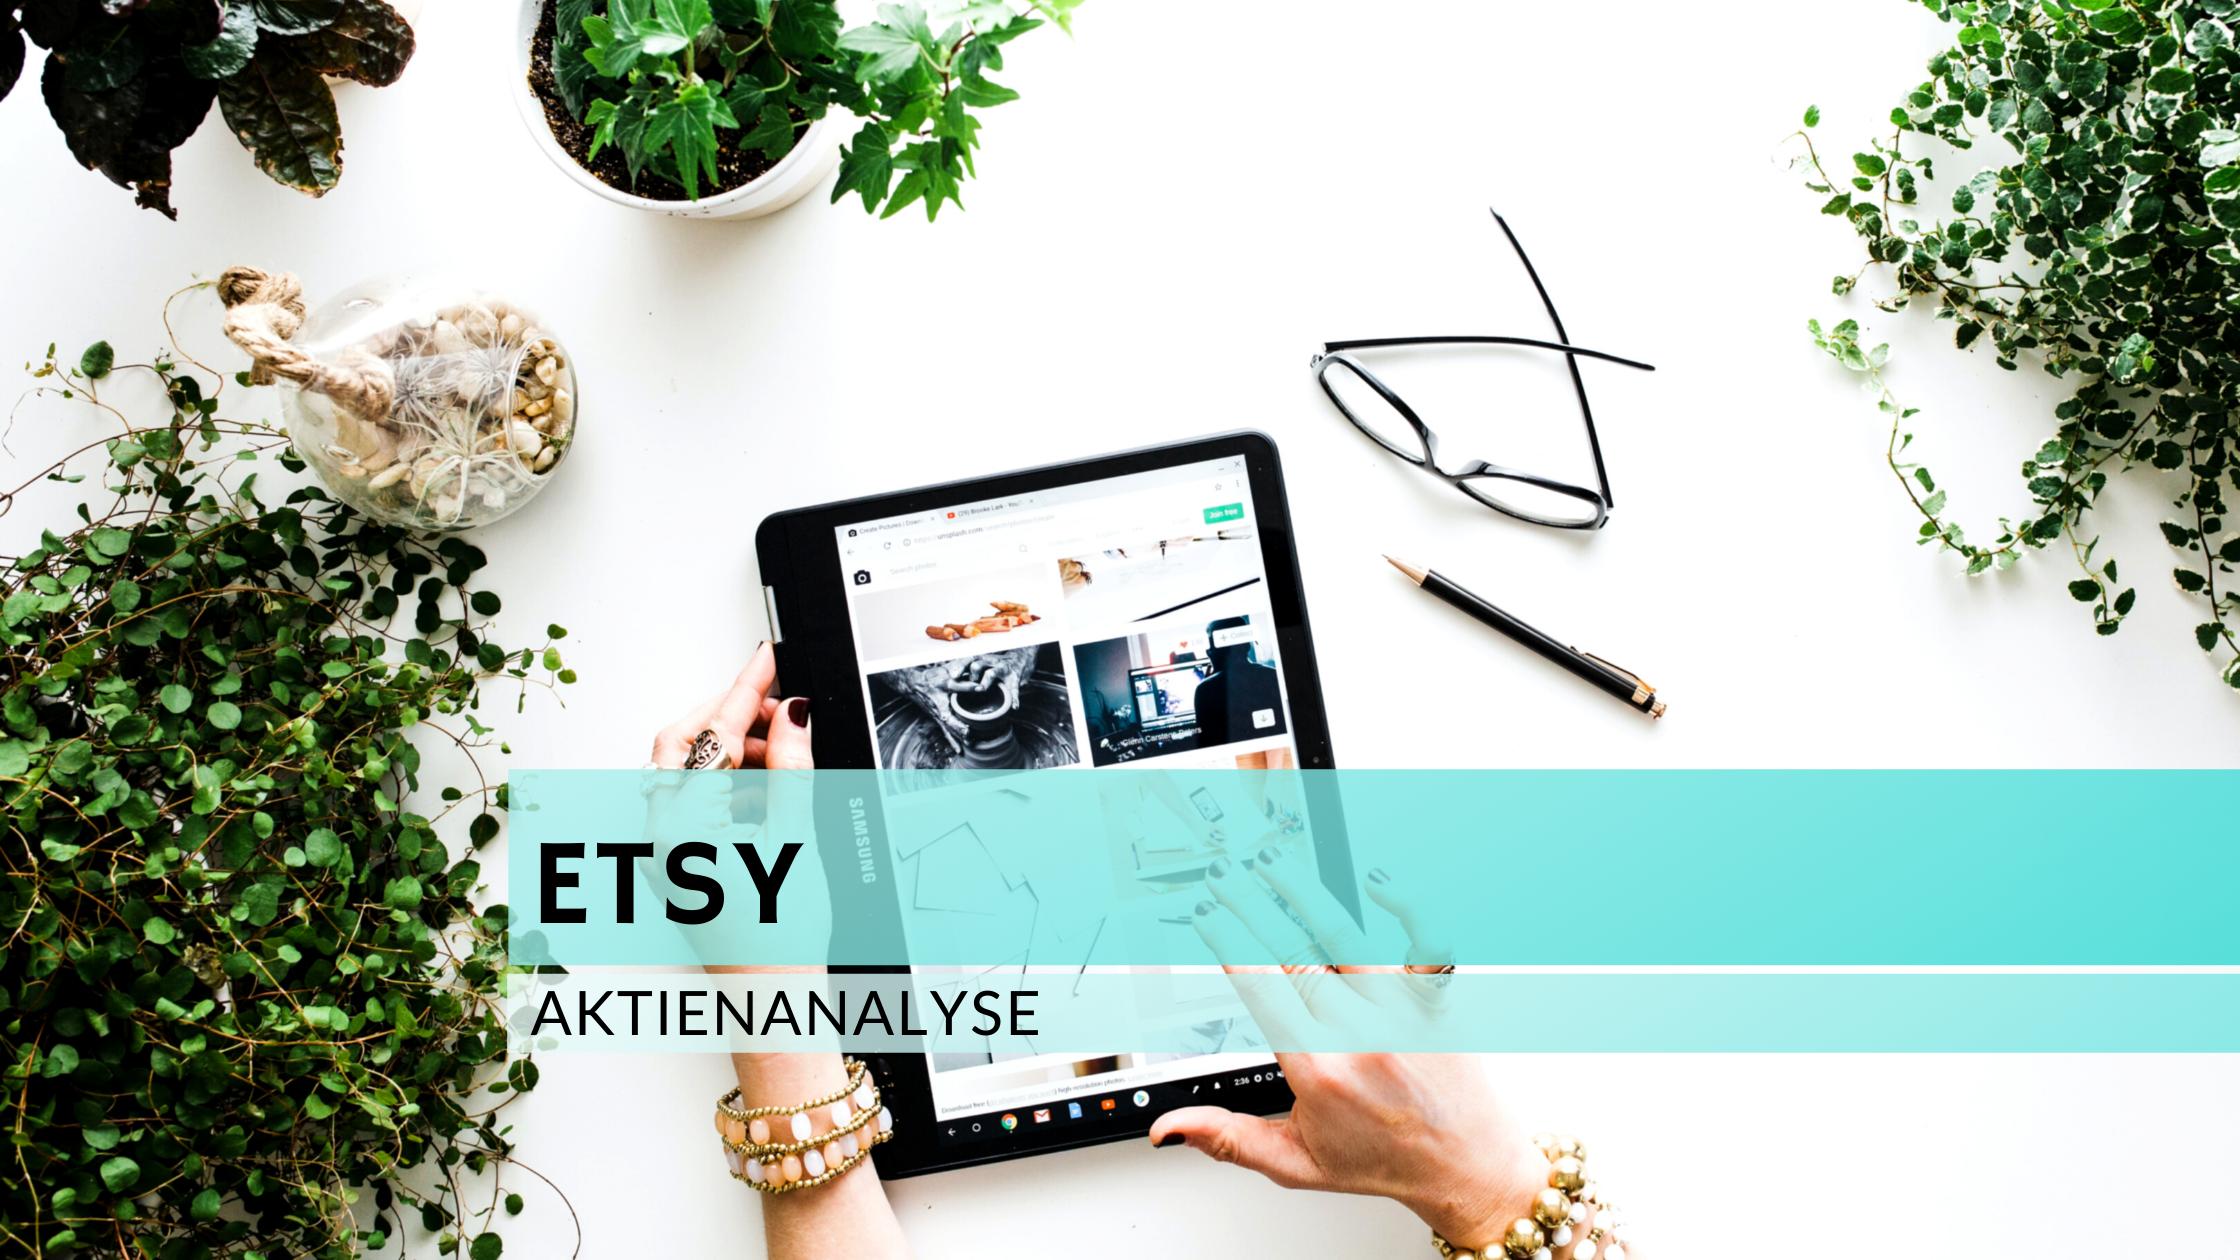 Etsy Aktienanalyse